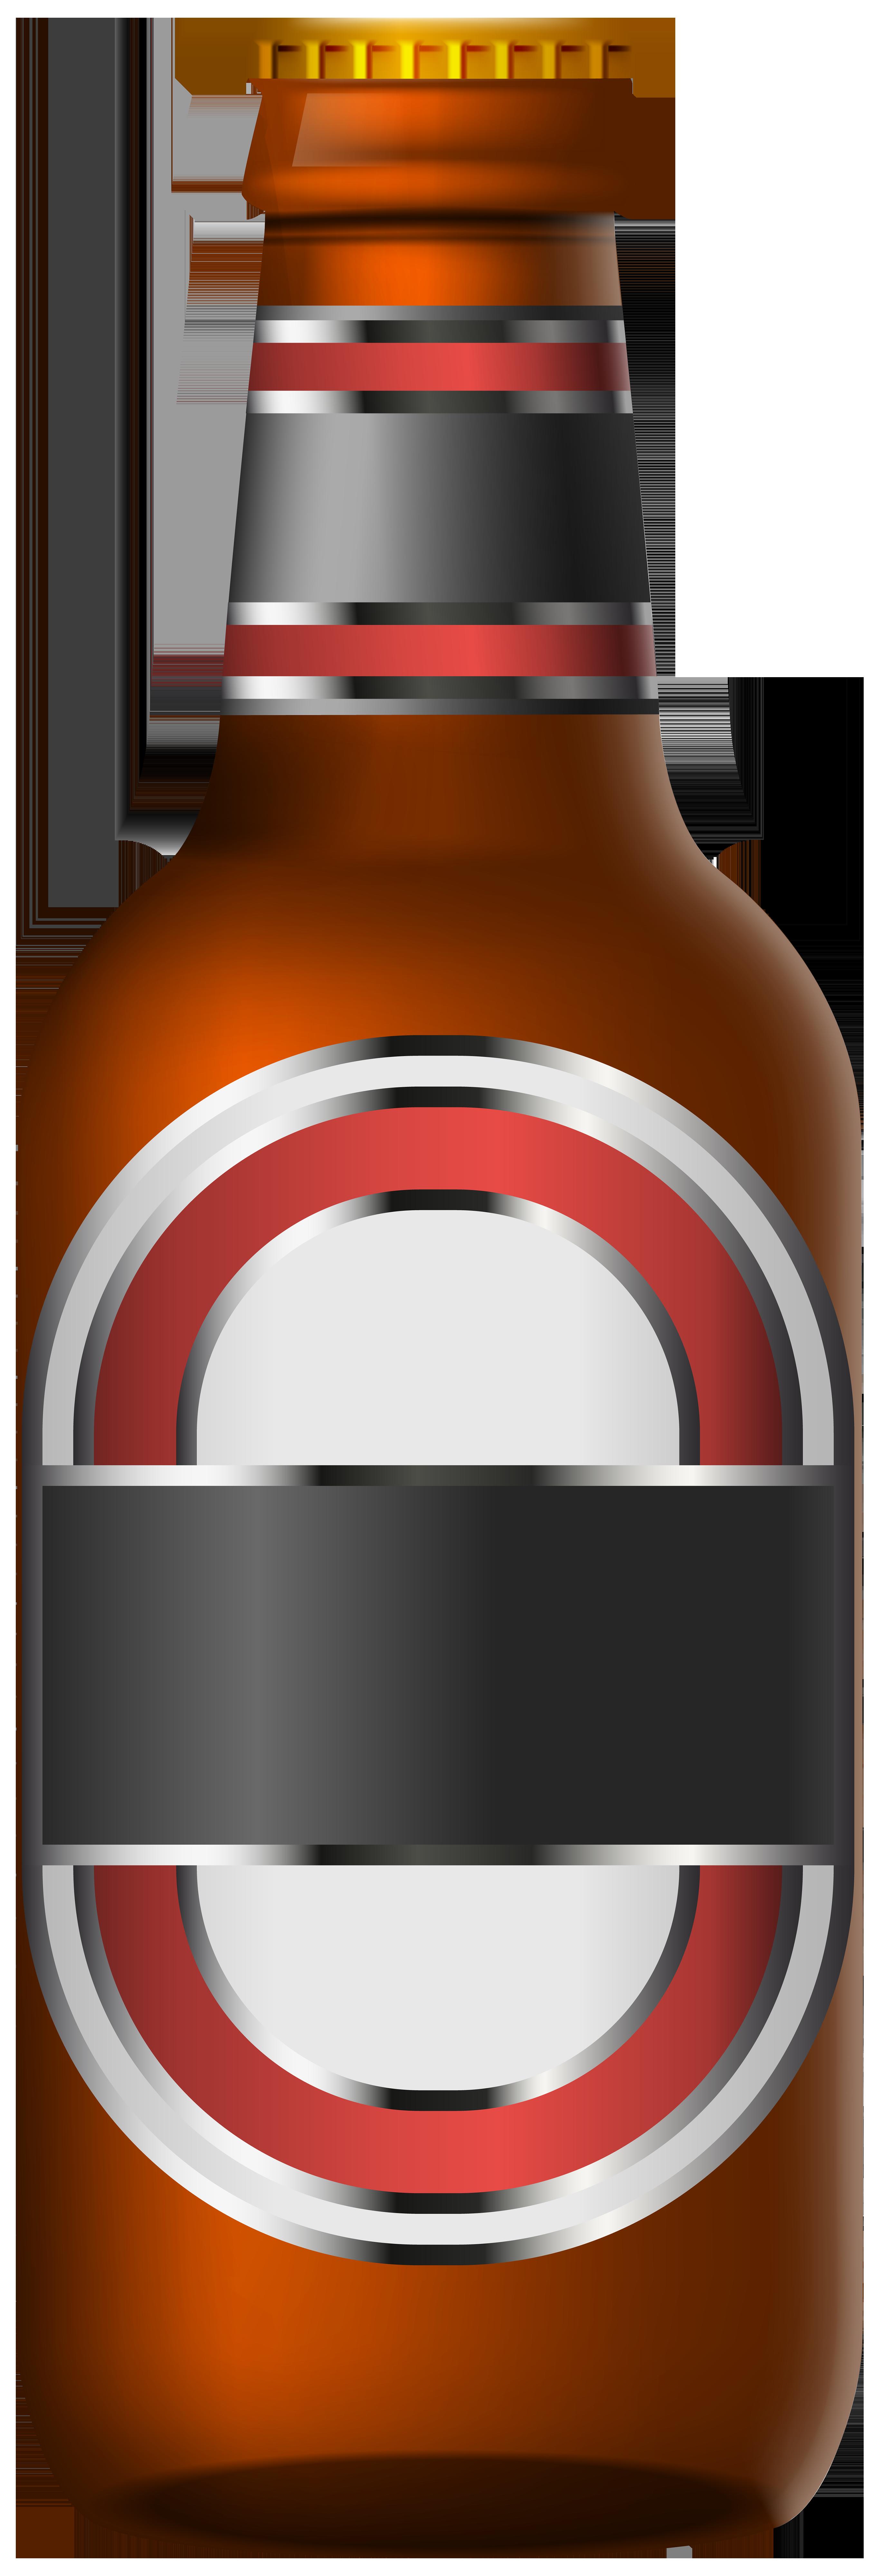 Drink clipart bottled drink. Beer bottle transparent png